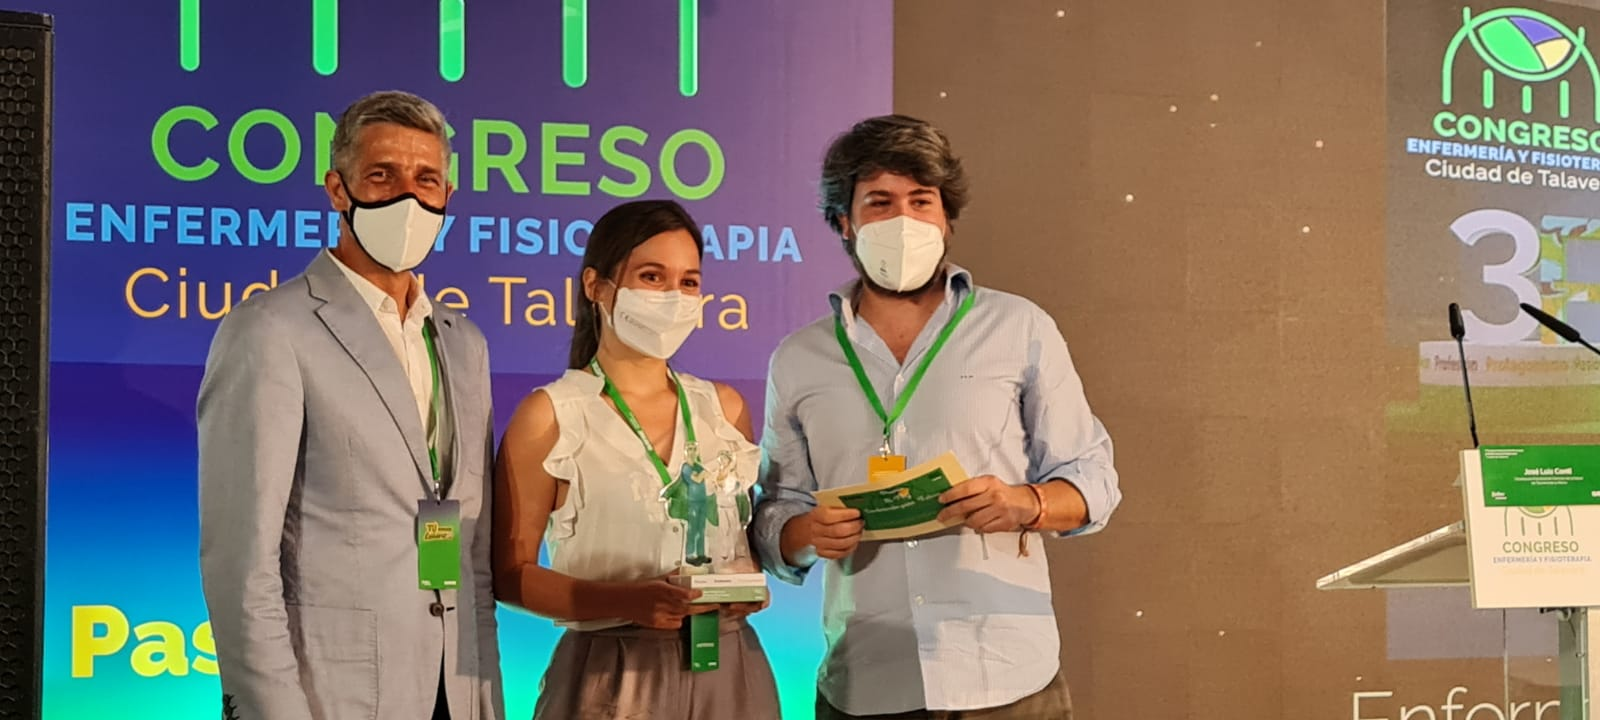 Premios y emoción en el V Congreso de Docencia en Enfermería y Fisioterapia 'Ciudad de Talavera'